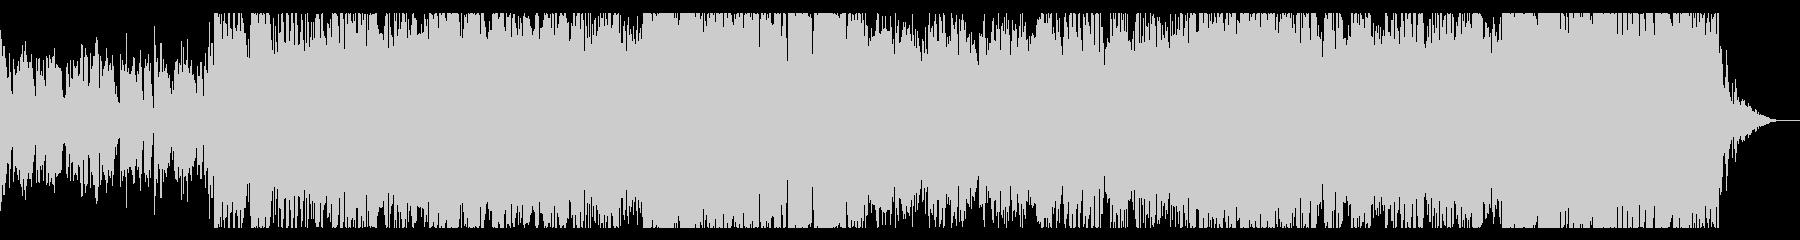 ミステリアスなエスニックアンビエントの未再生の波形